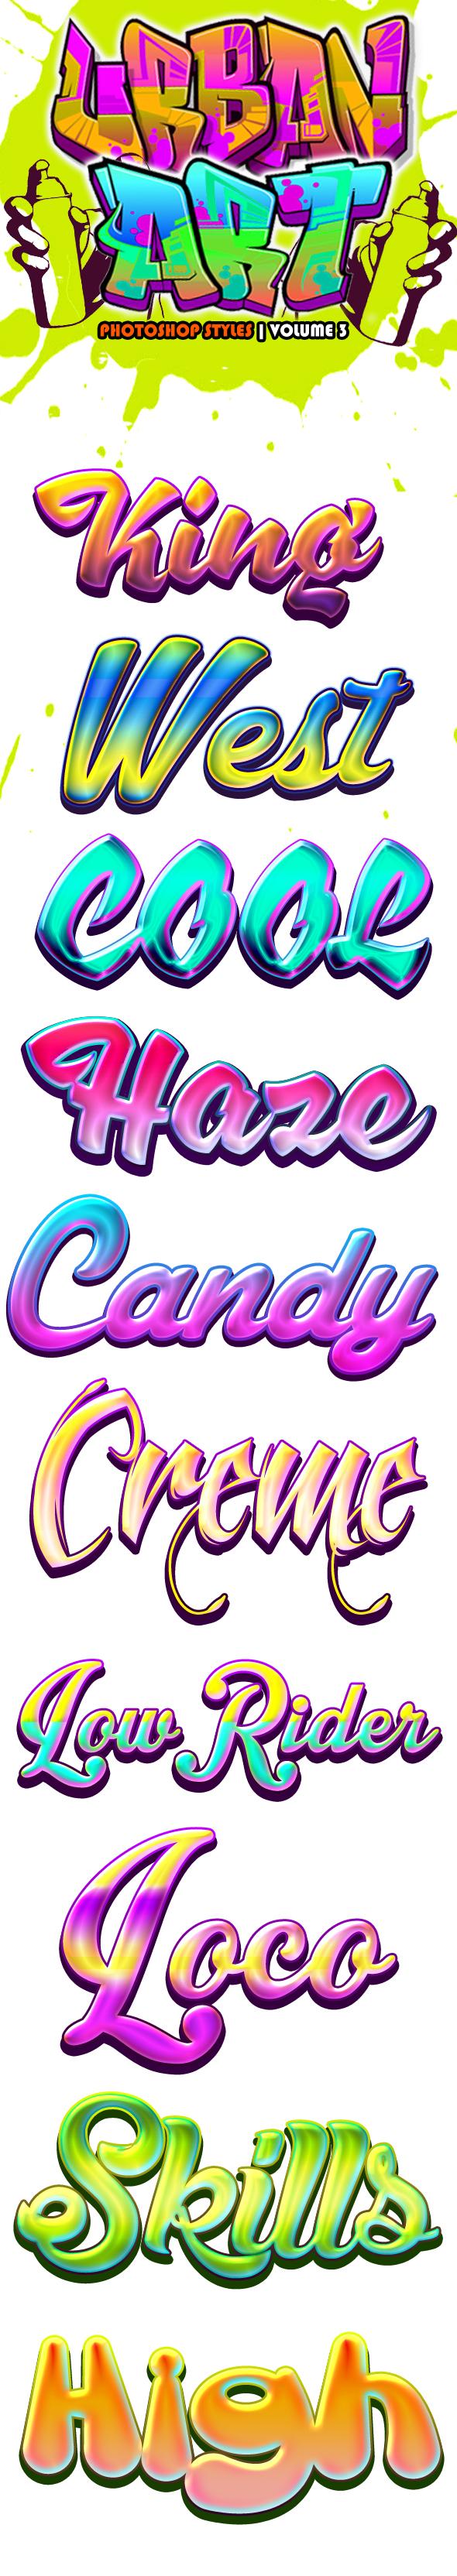 Free Graffiti Font Downloads - Page 1